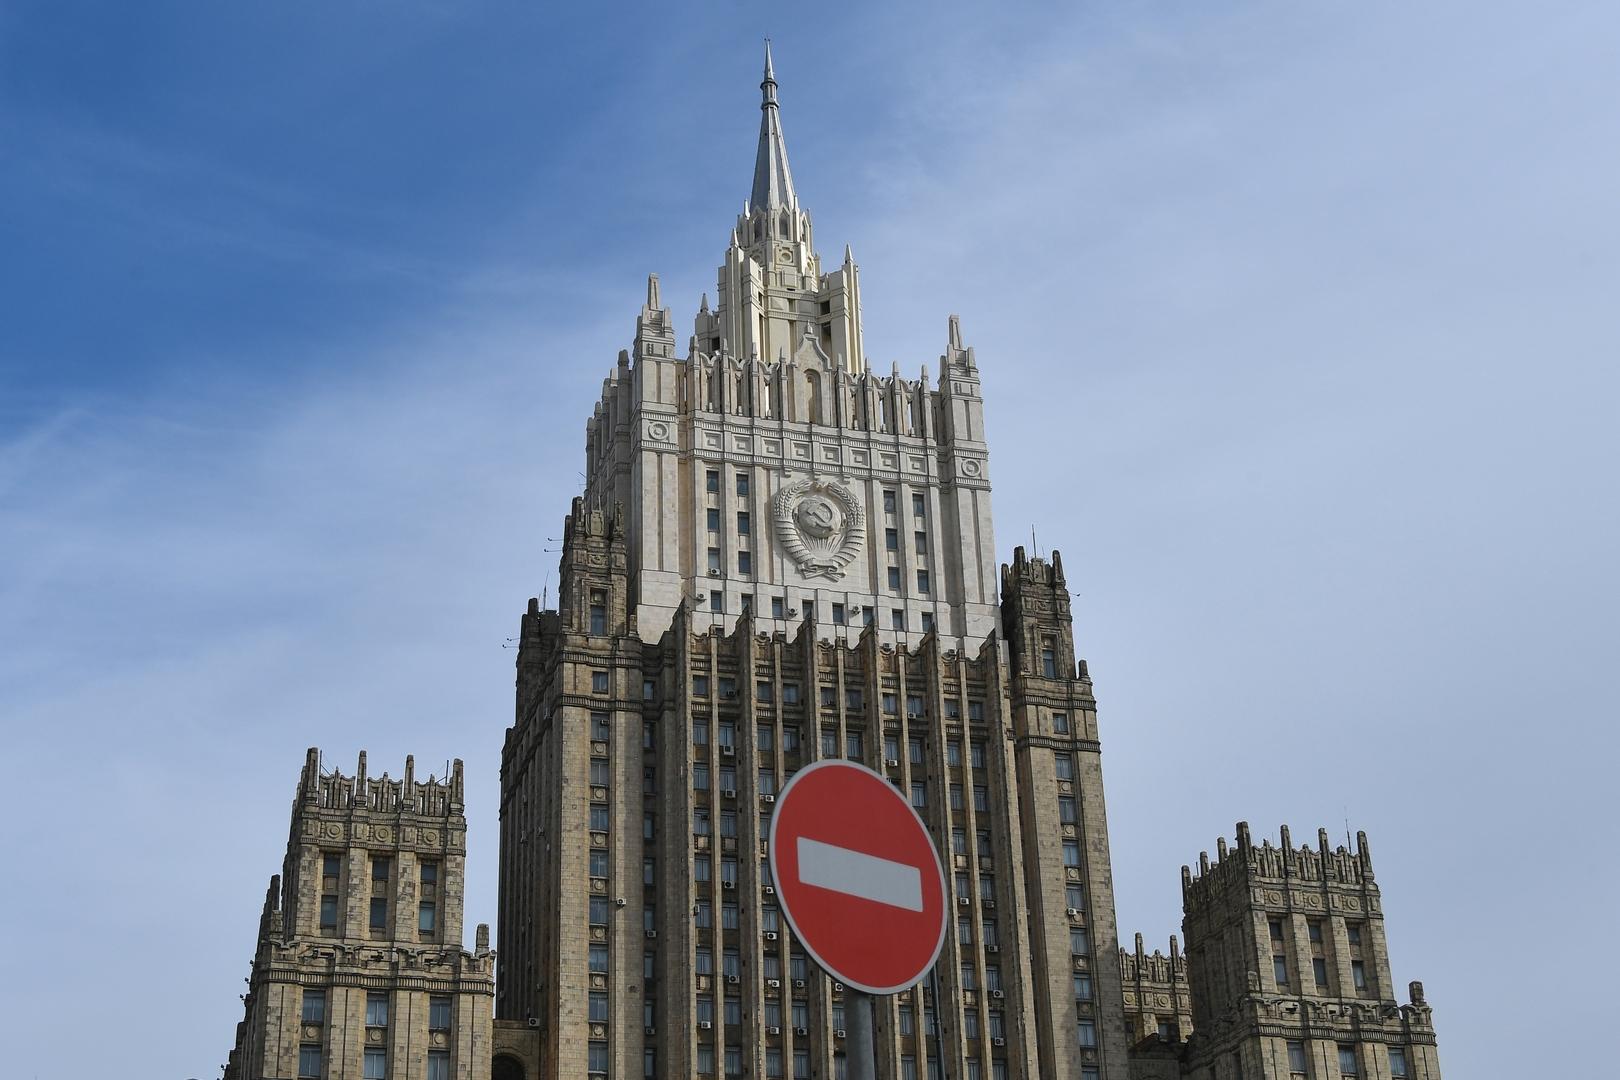 موسكو ترد على اتهامات بريطانيا والولايات المتحدة لها بشأن الهجمات السيبرانية